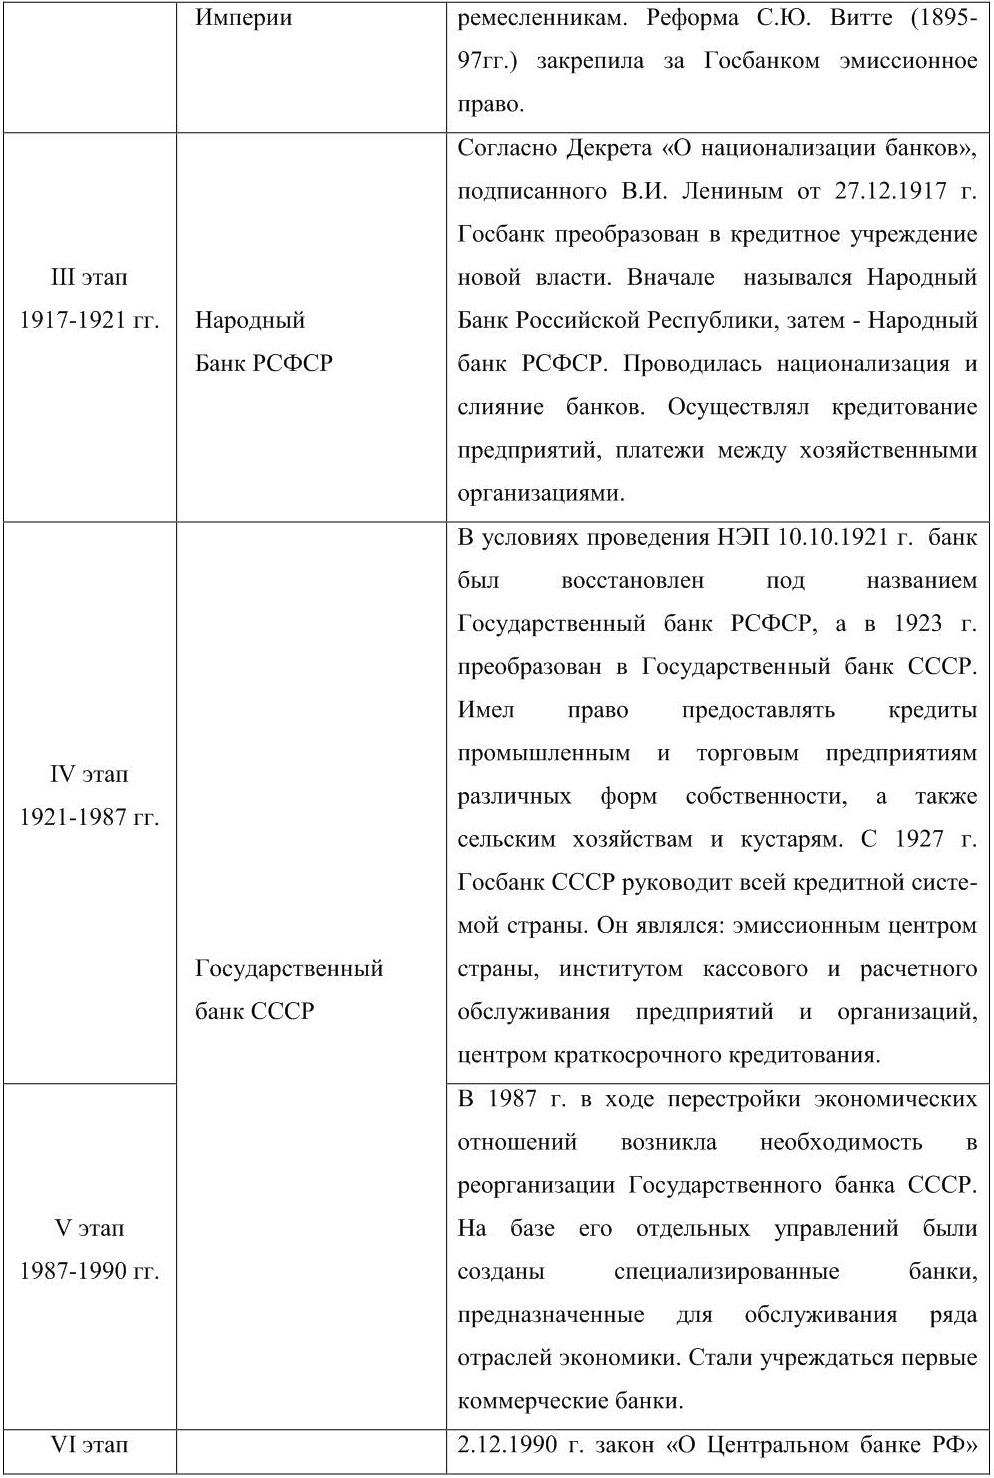 Банк России как единый эмиссионный центр — Организация налично-денежного обращения Банком России — Финансы 59